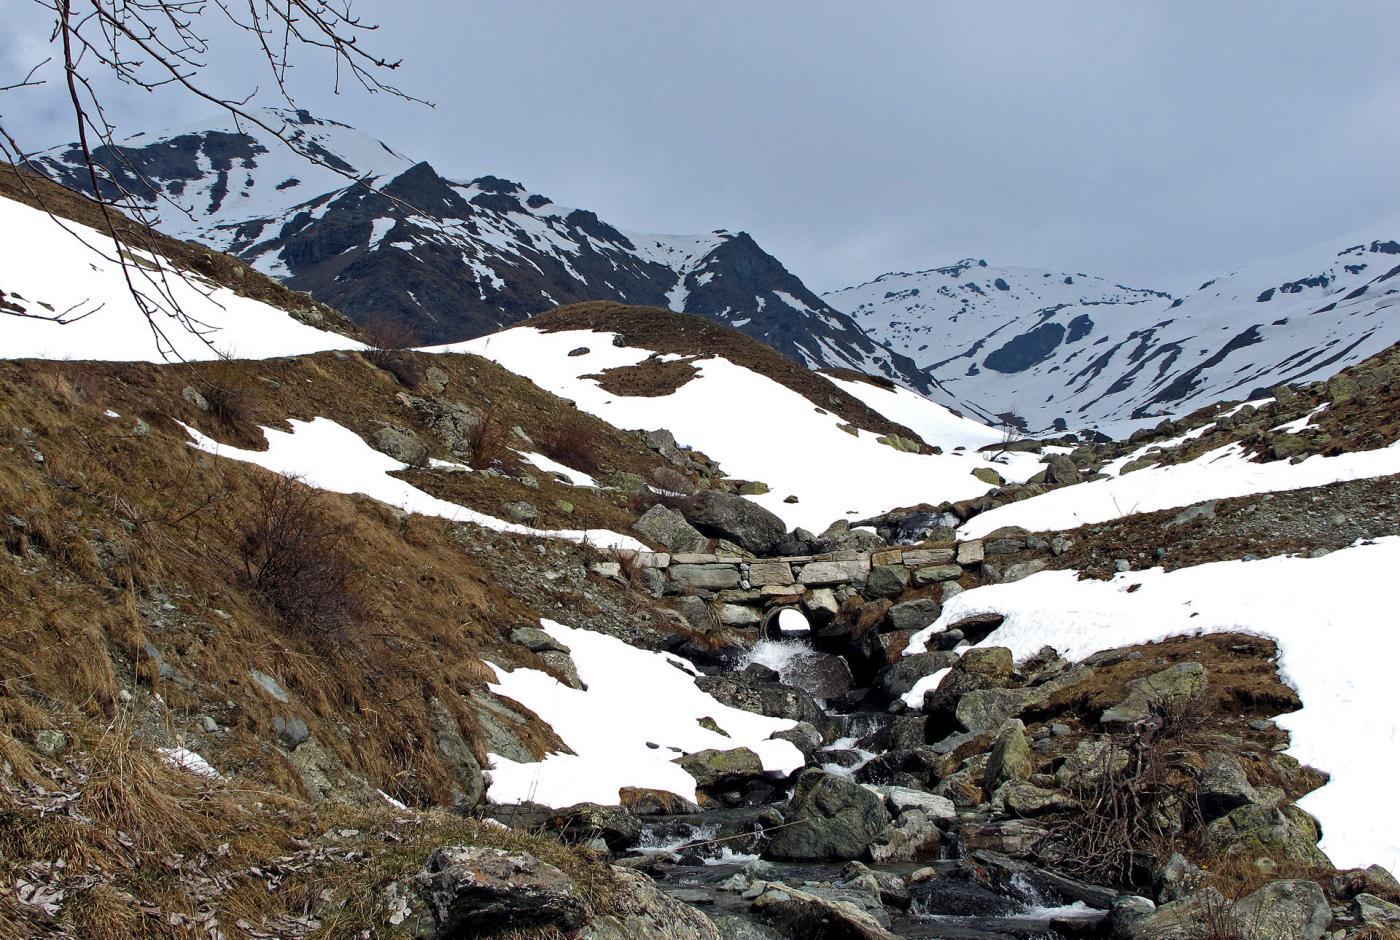 Il ponte a Q. 1800 dove inizia la neve continua(per pochi giorni)